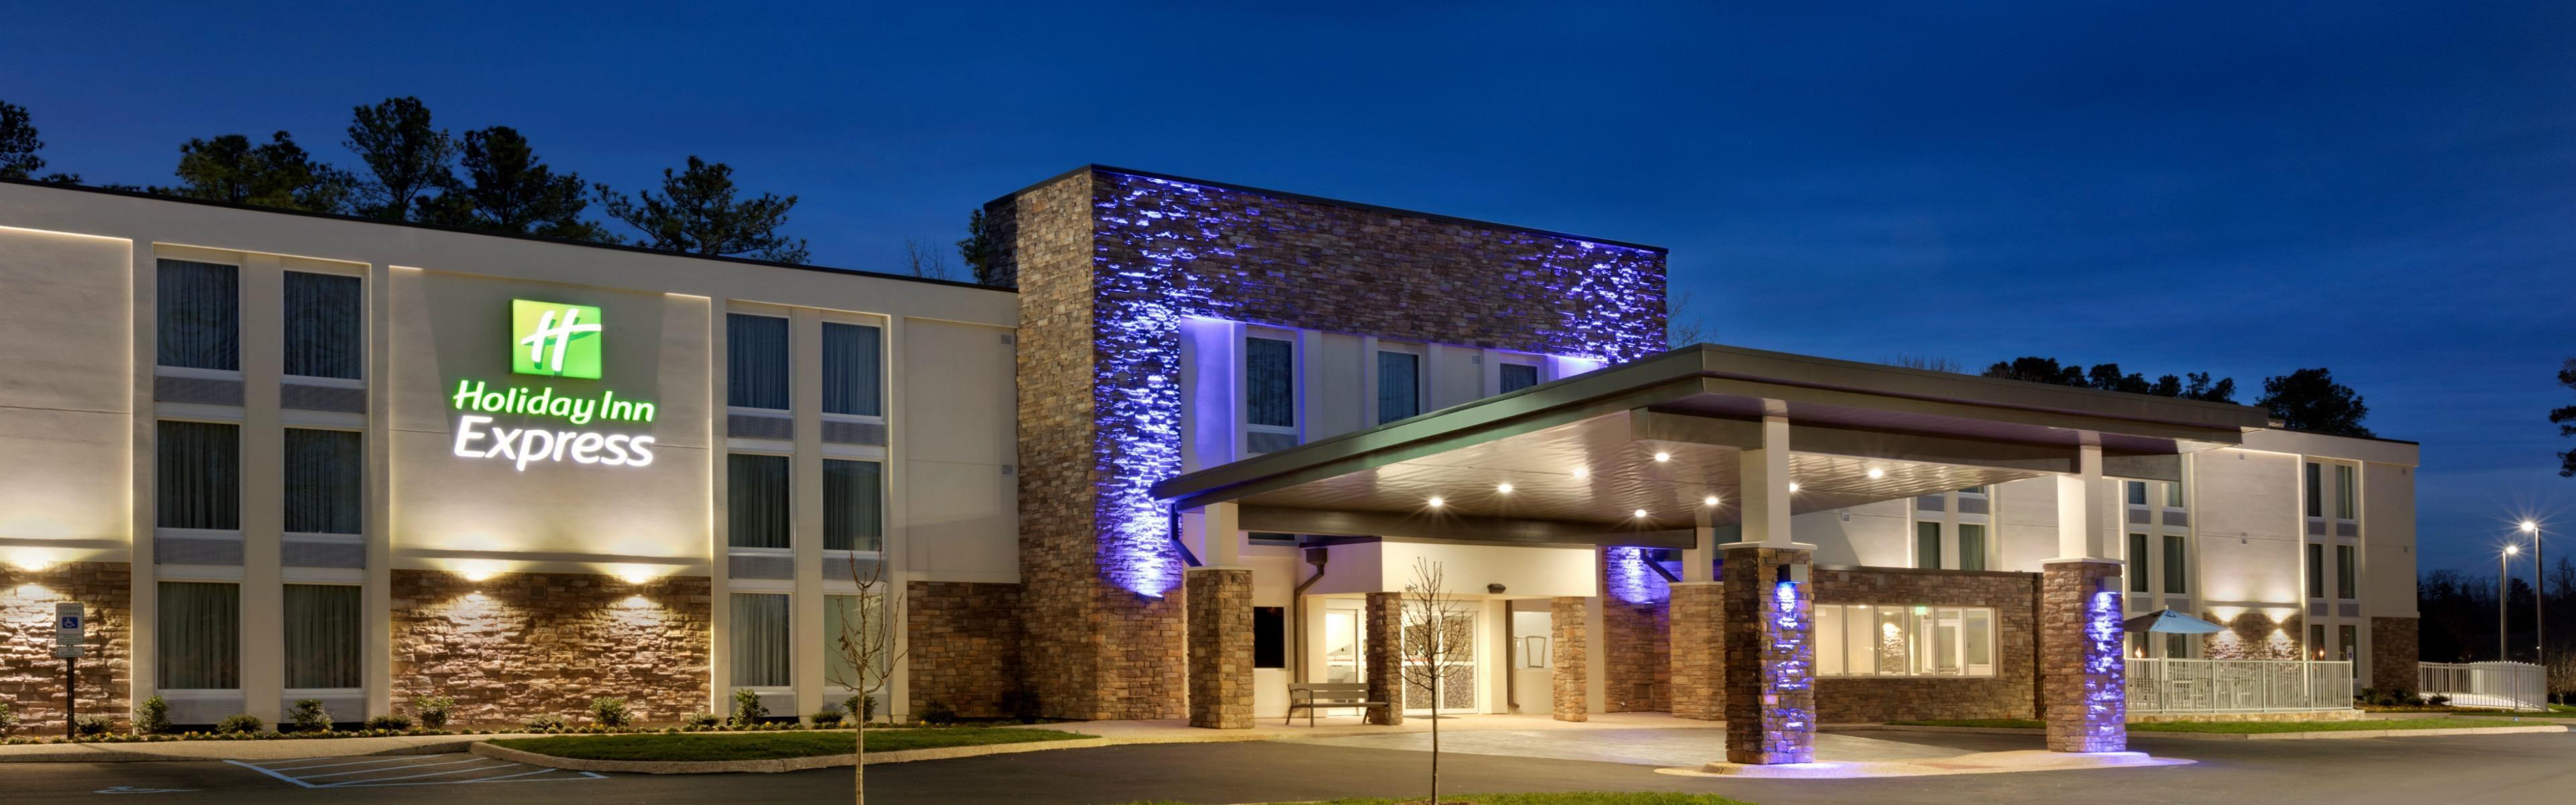 Best Hotels Near Busch Gardens Va